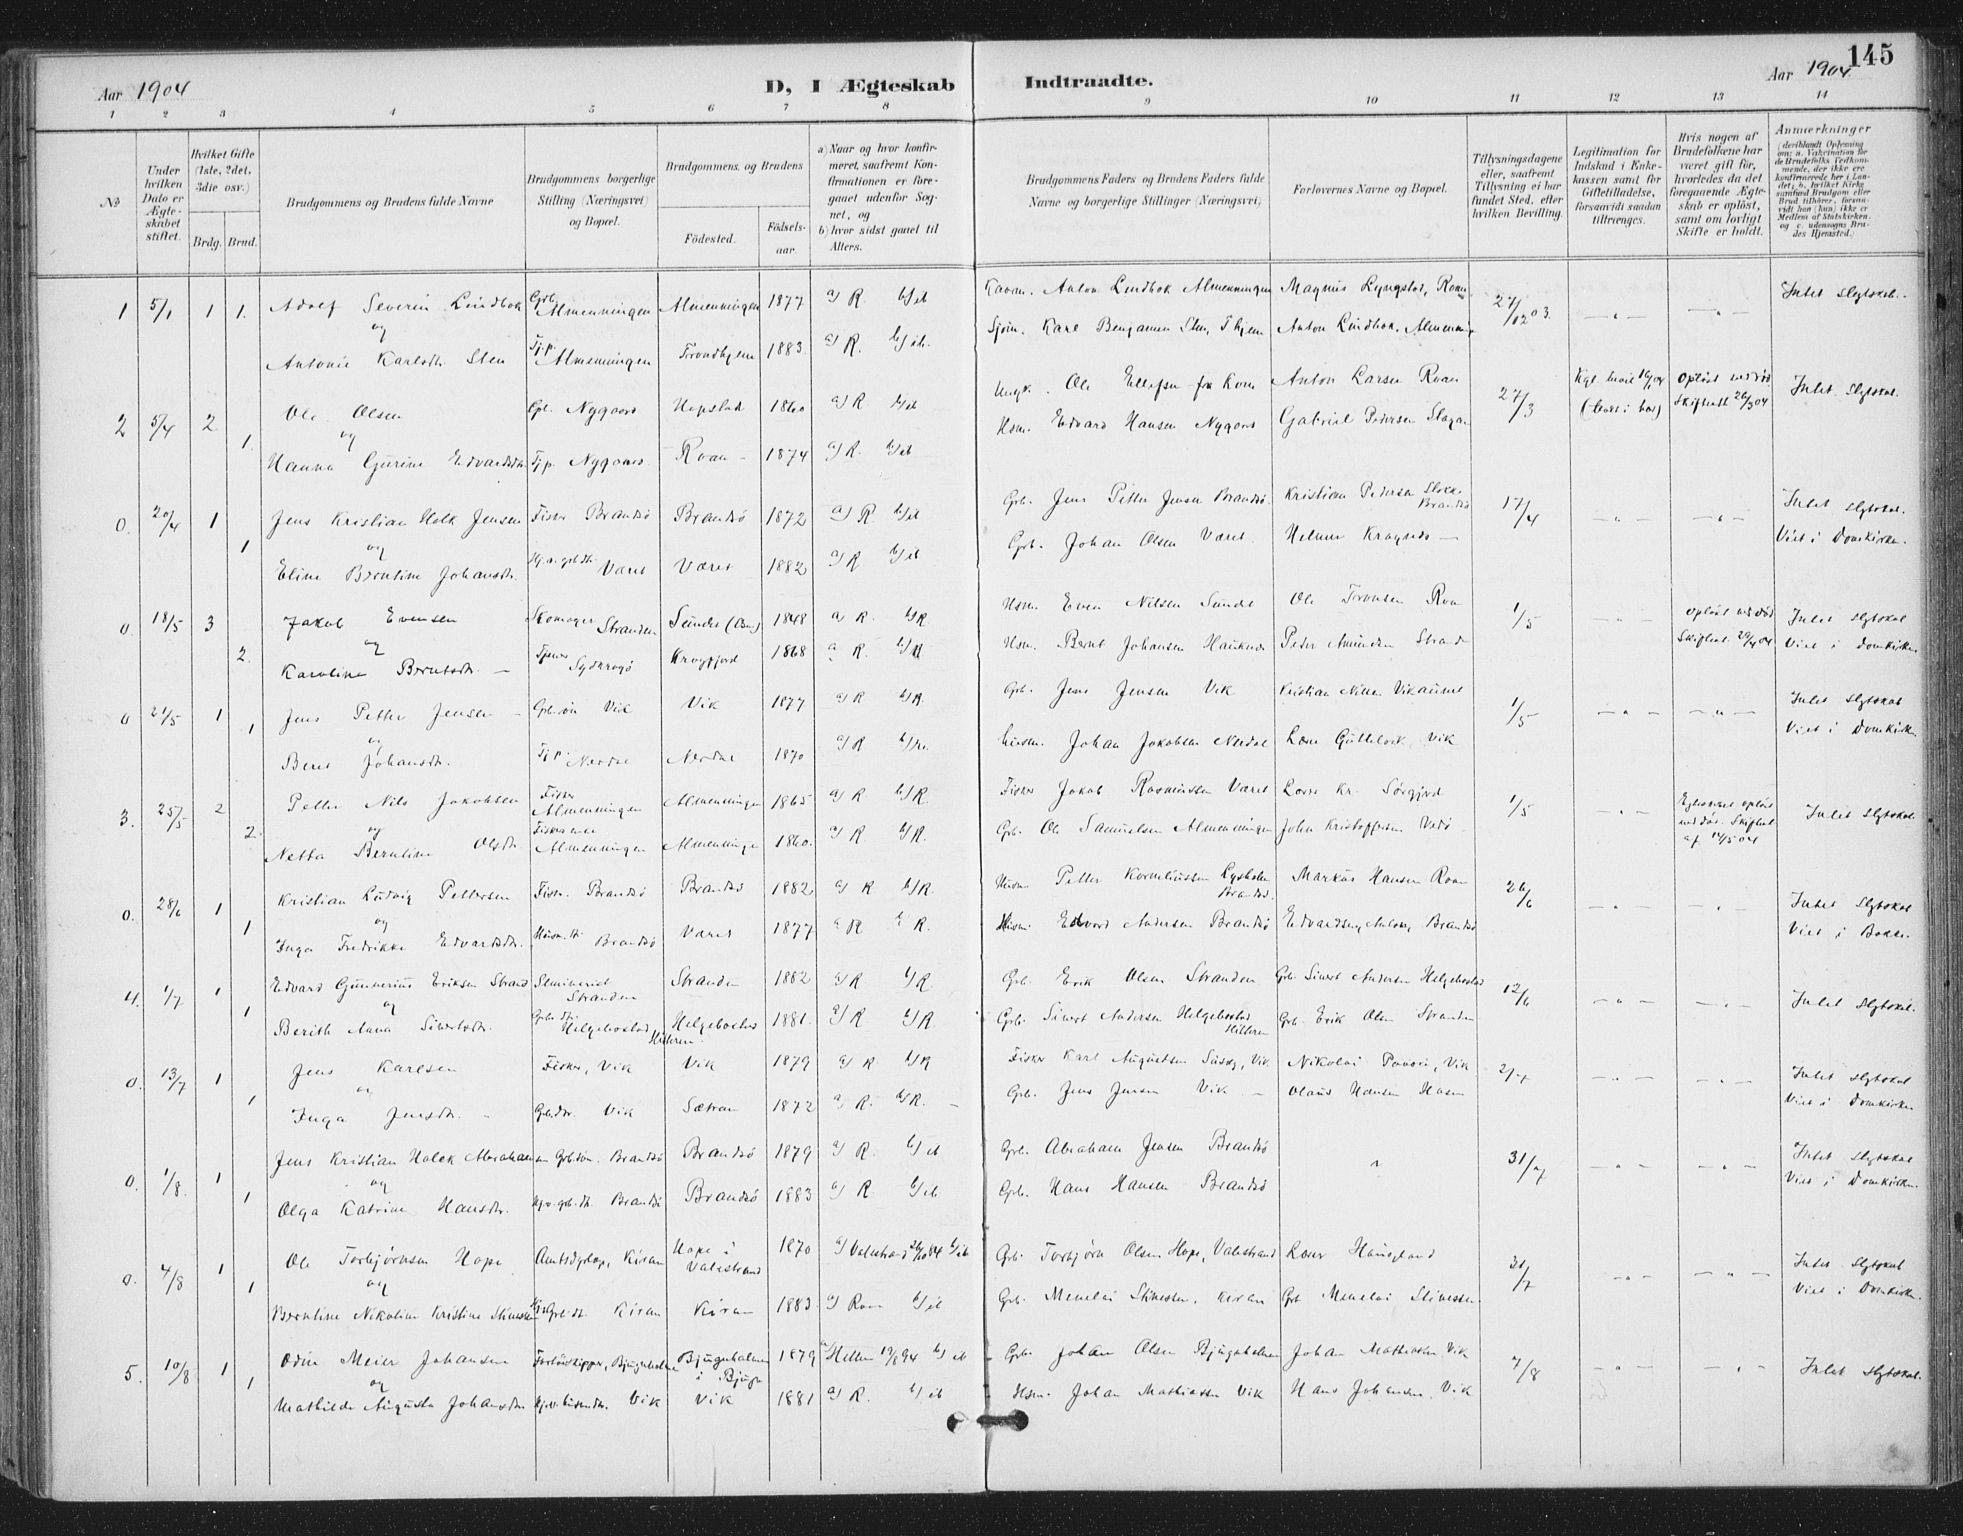 SAT, Ministerialprotokoller, klokkerbøker og fødselsregistre - Sør-Trøndelag, 657/L0708: Ministerialbok nr. 657A09, 1894-1904, s. 145